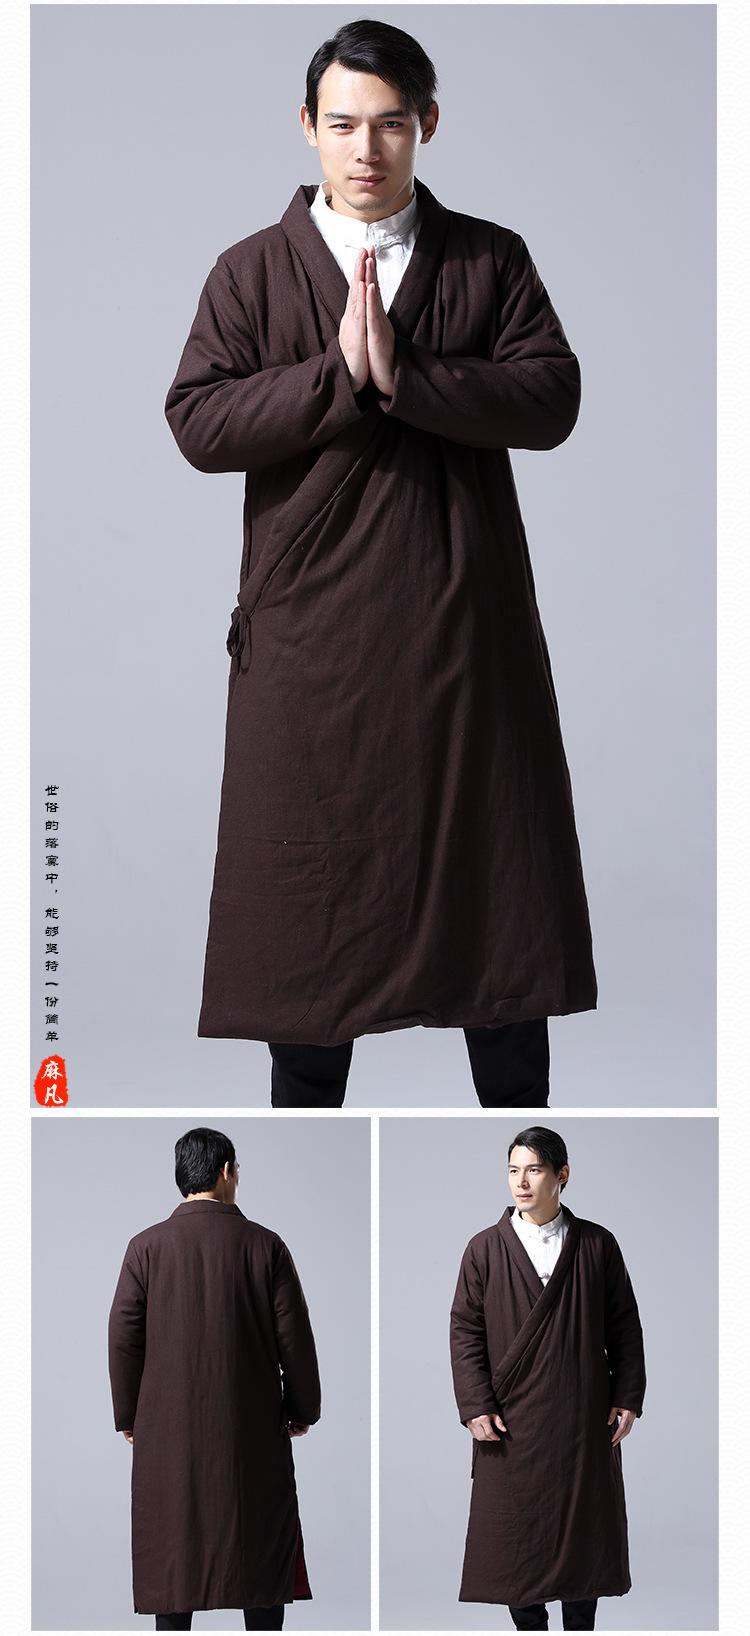 Скидки на Мужчины зимний пиджаки мужская хлопок белье китайский кунг-фу пальто мужчины хлопка мягкий свободные длинные халат случайный китайский парки куртки U05